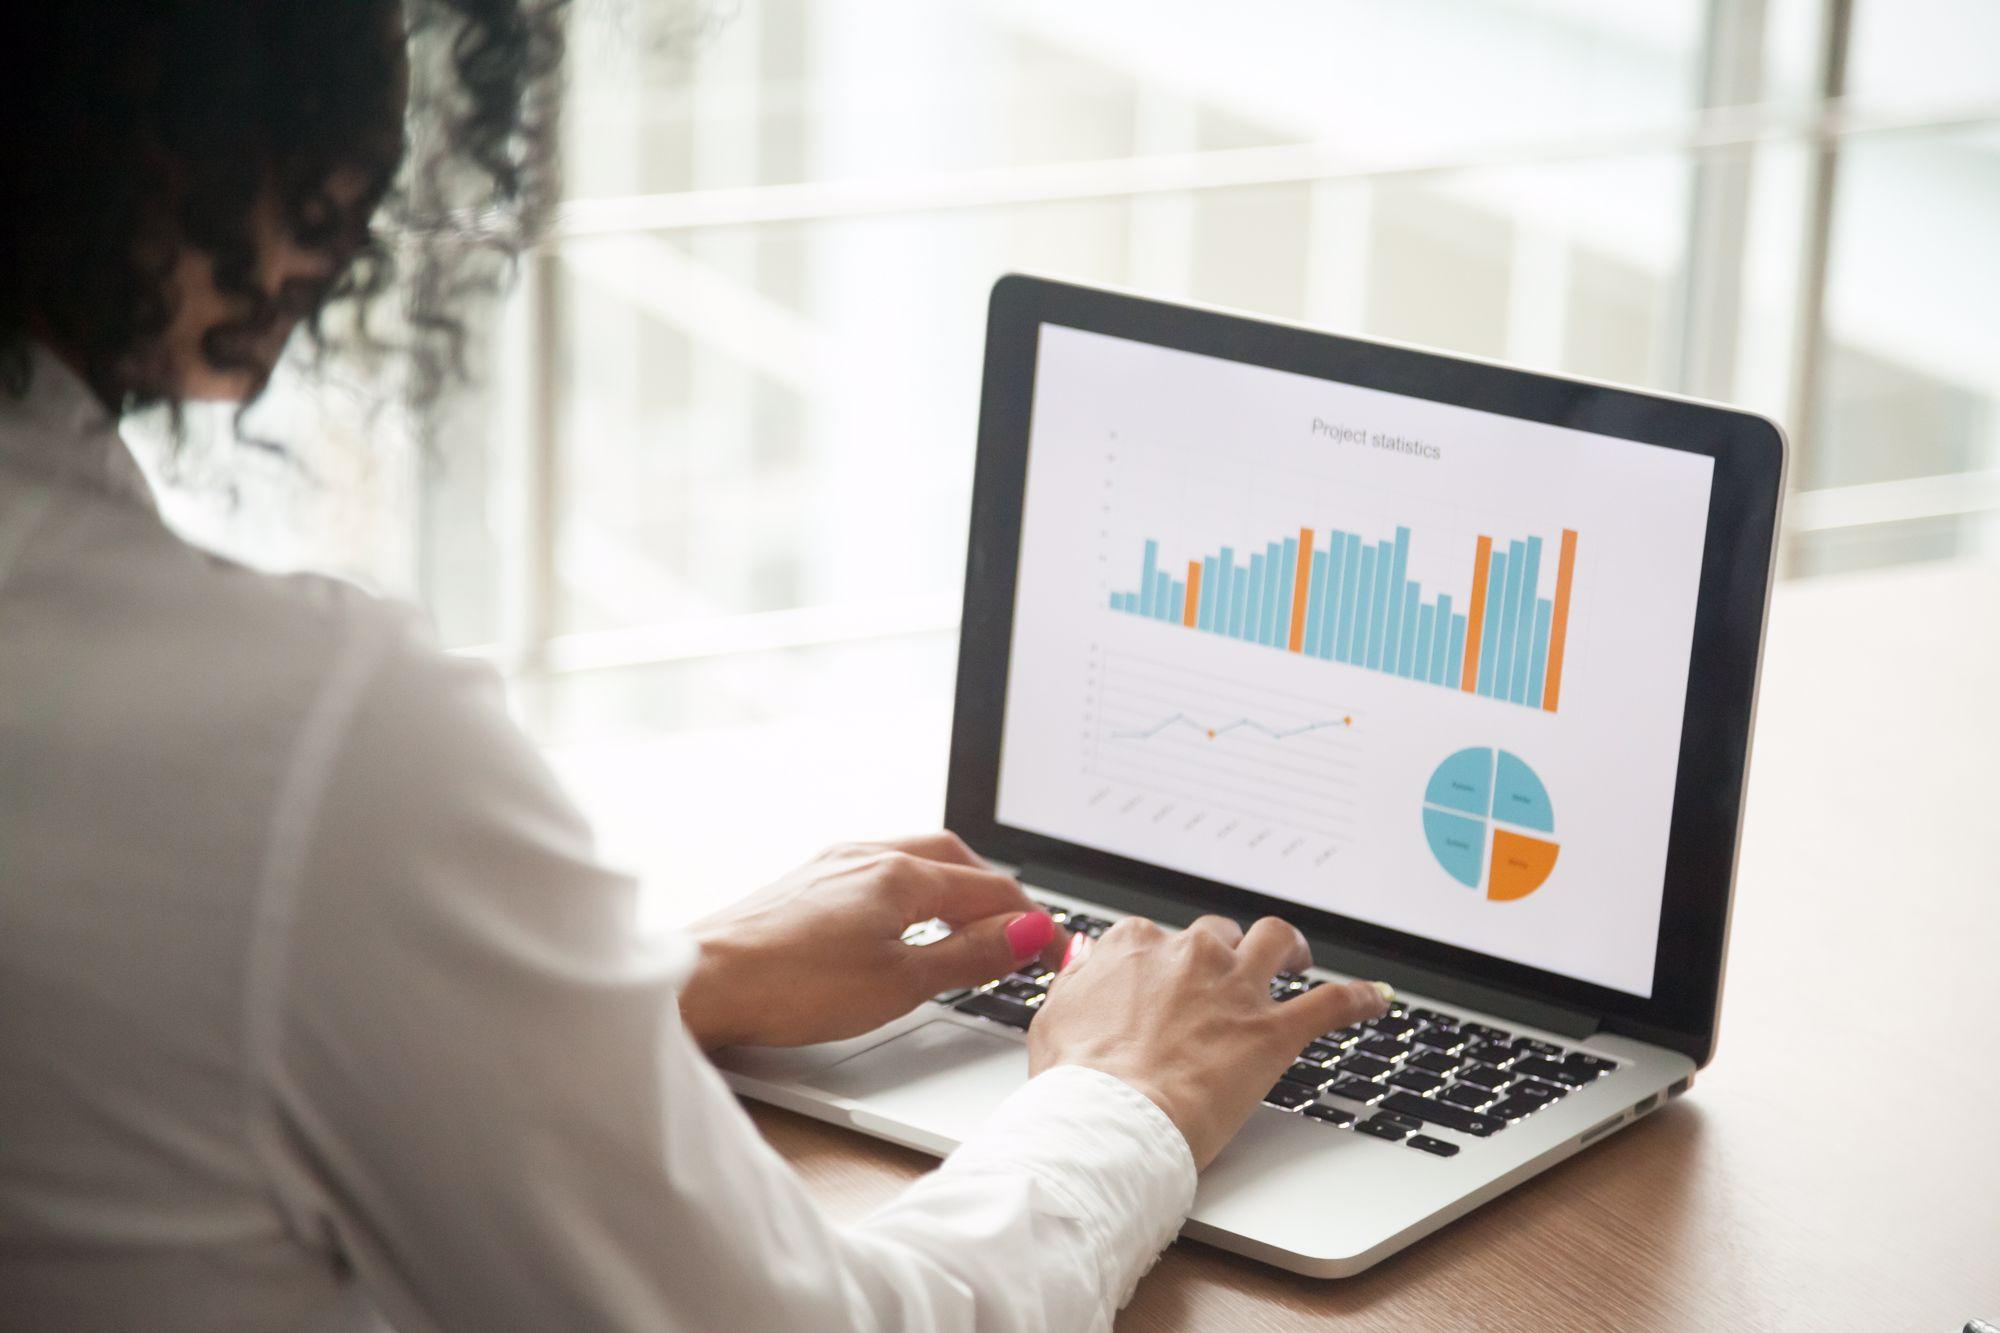 Woman at laptop analyzing charts